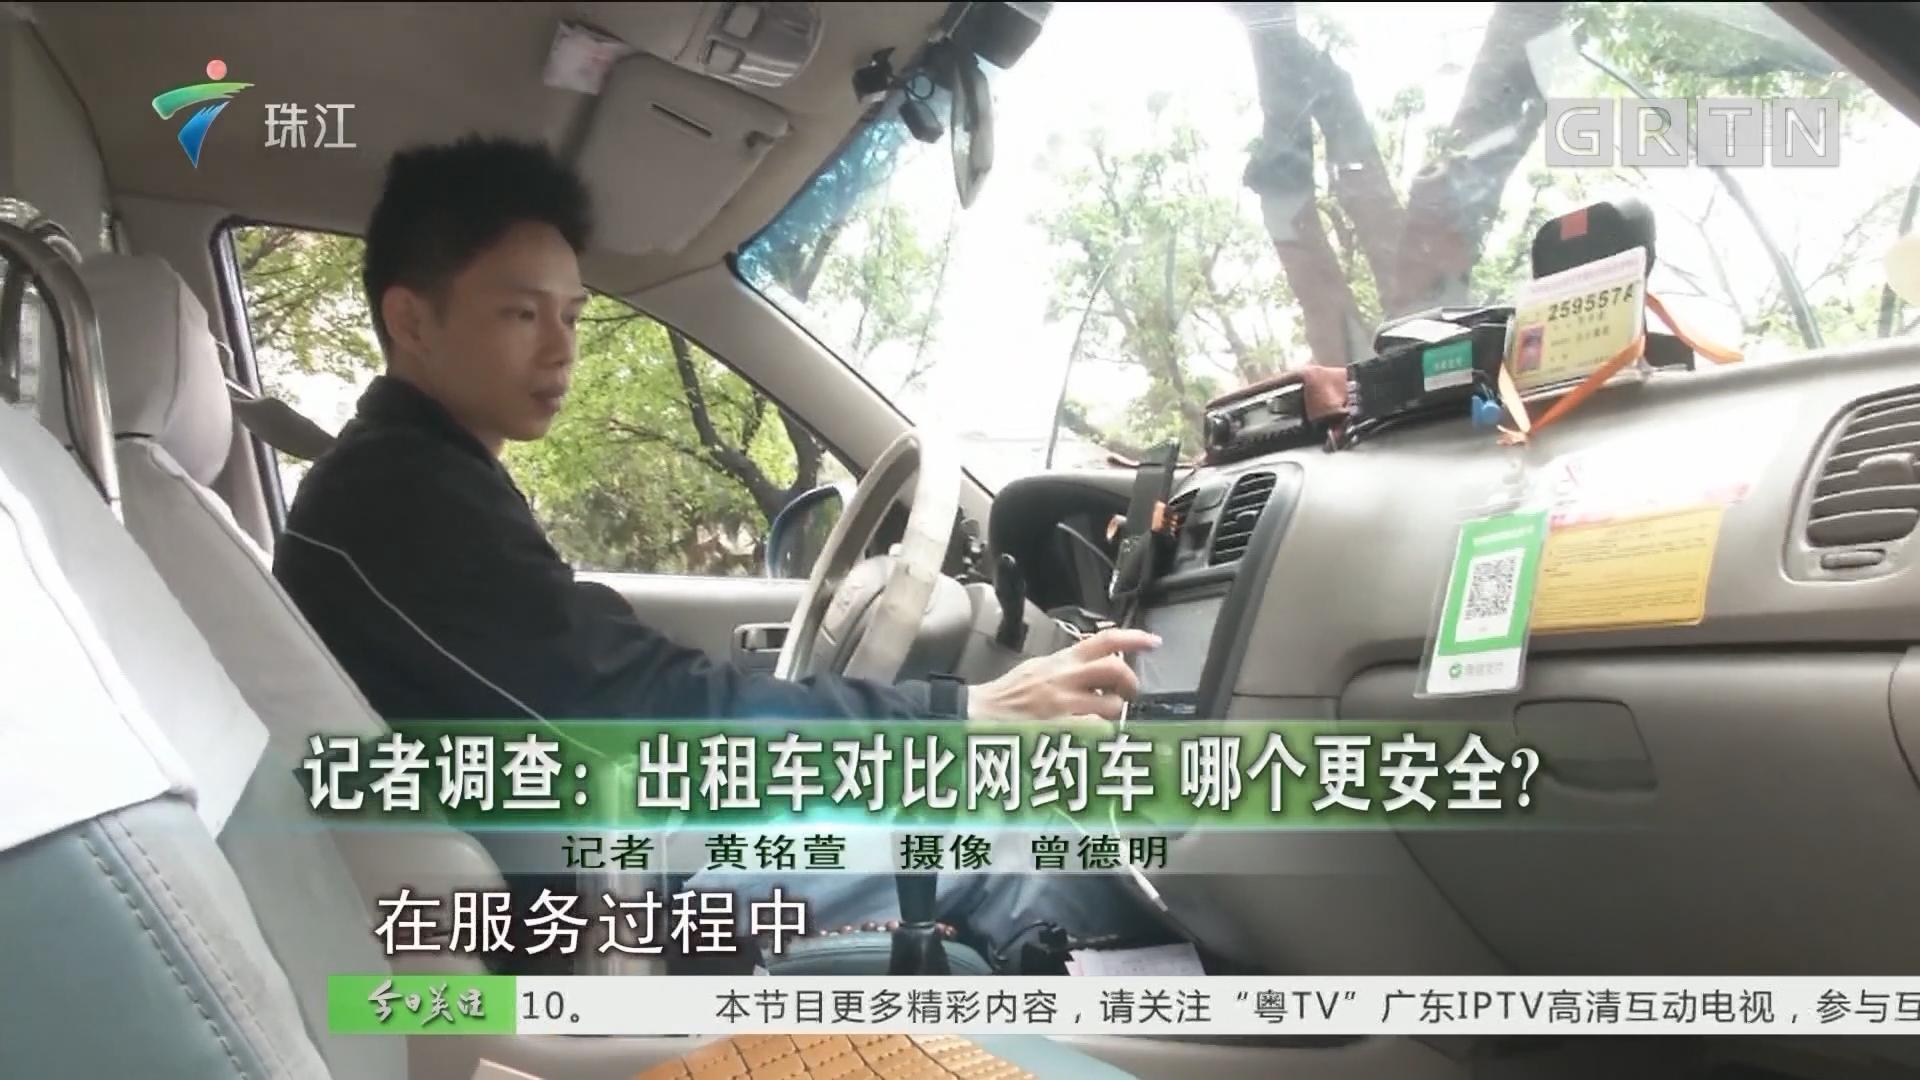 记者调查:出租车对比网约车 哪个更安全?